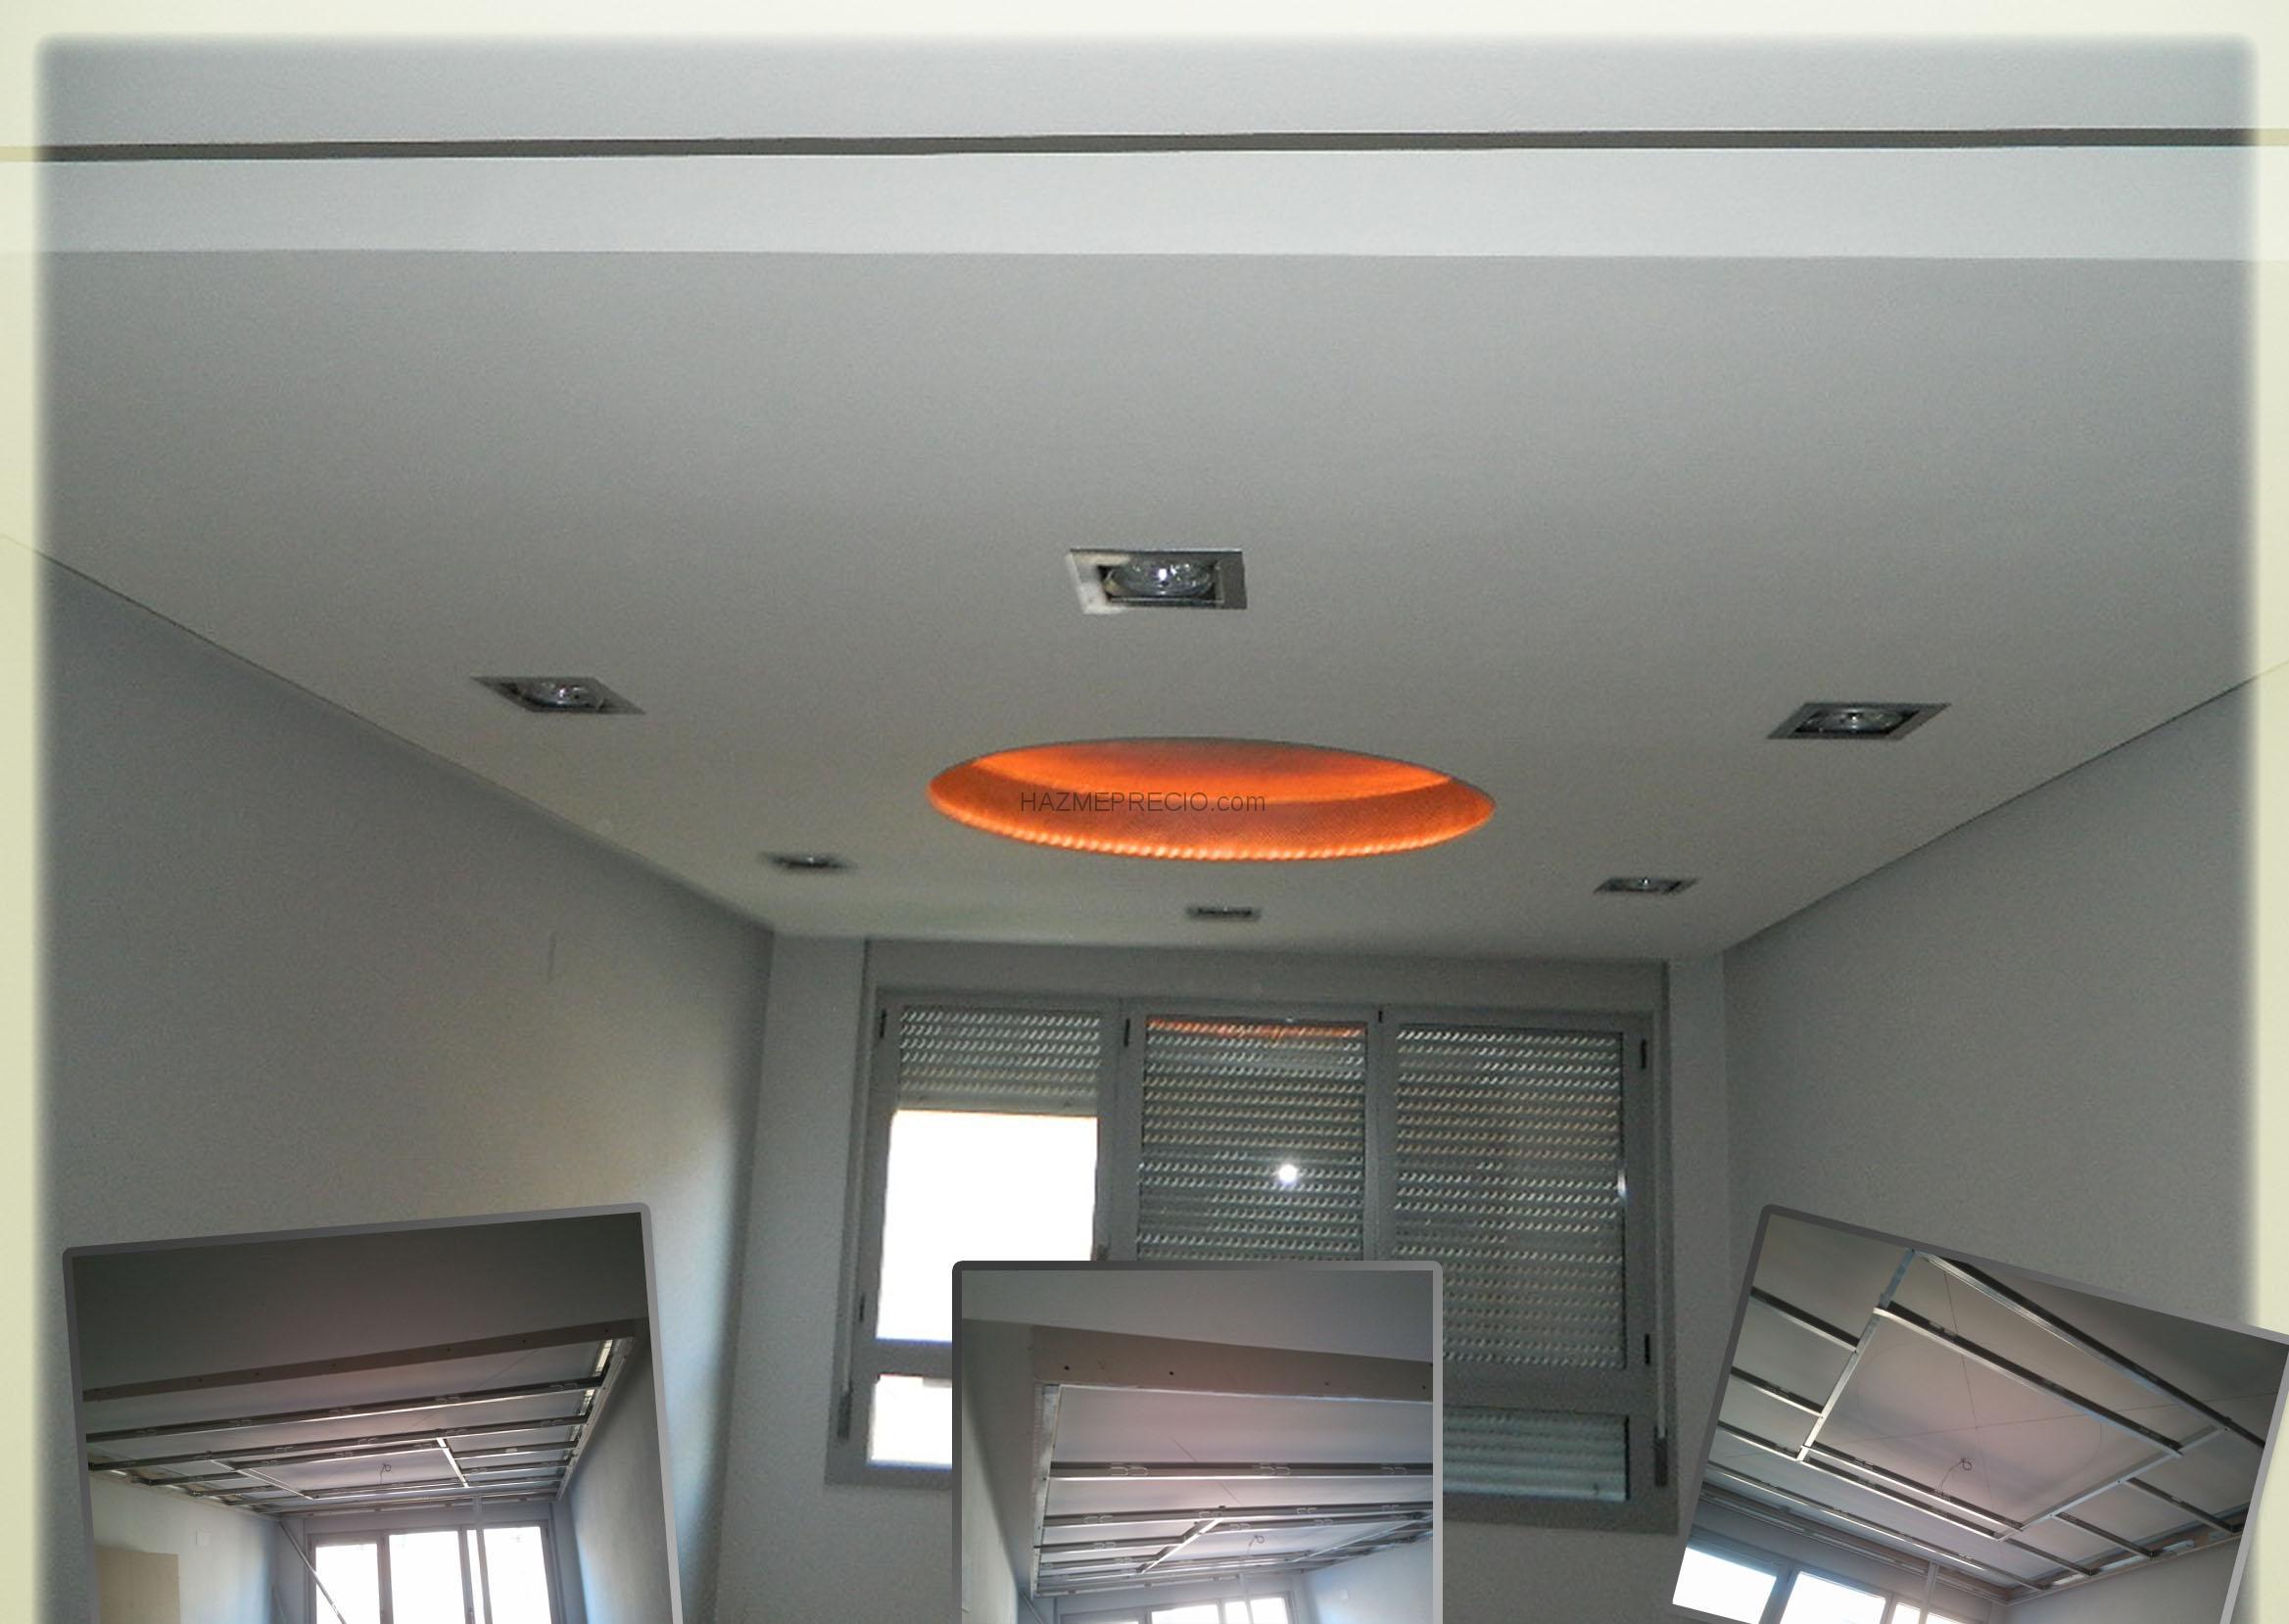 Techo pladur precio good centro ventell with techo pladur - Precios placas de pladur ...